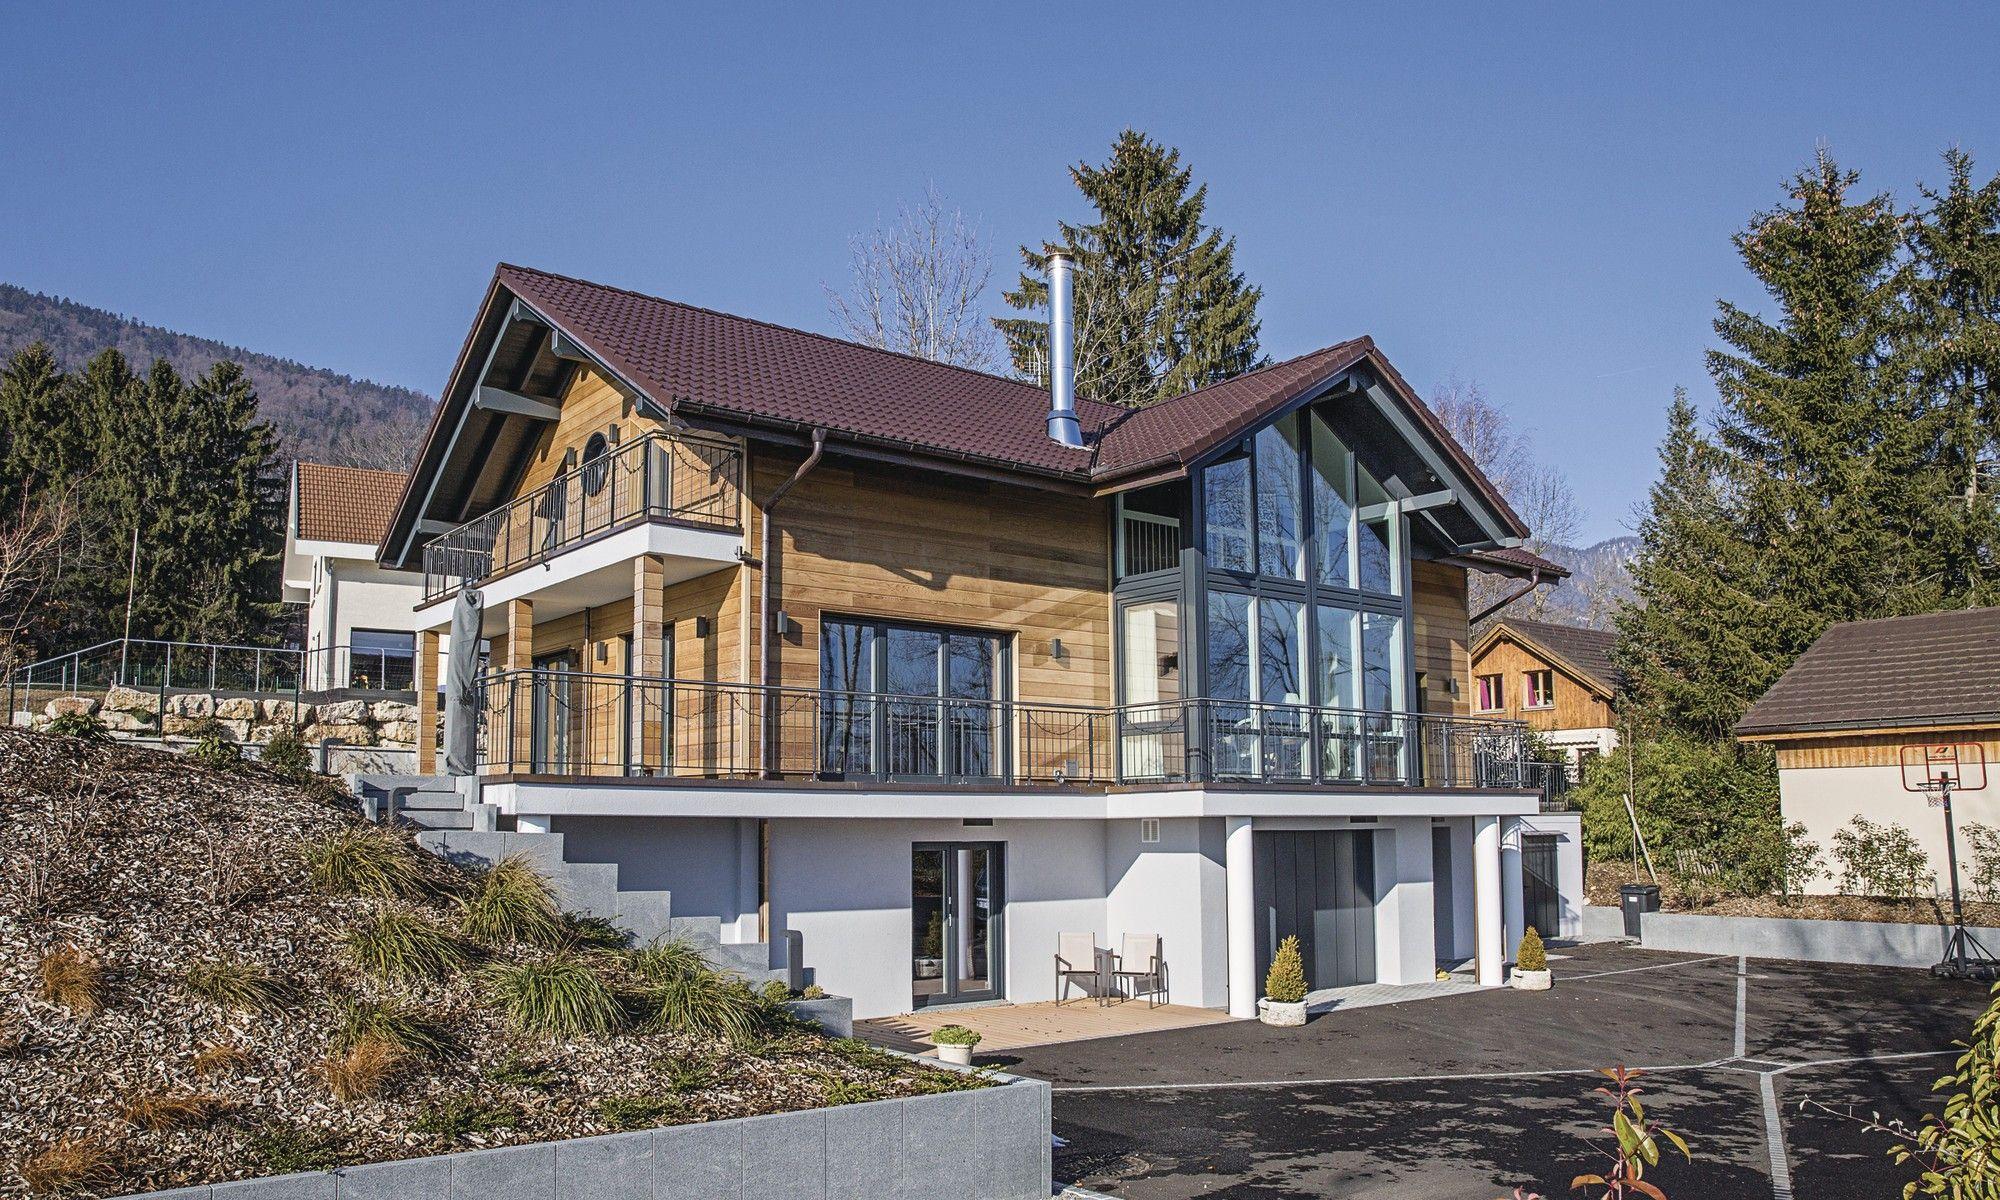 Haus Hanglage Architektur | Sven Otte Living Architektur Wohnungsbau ...